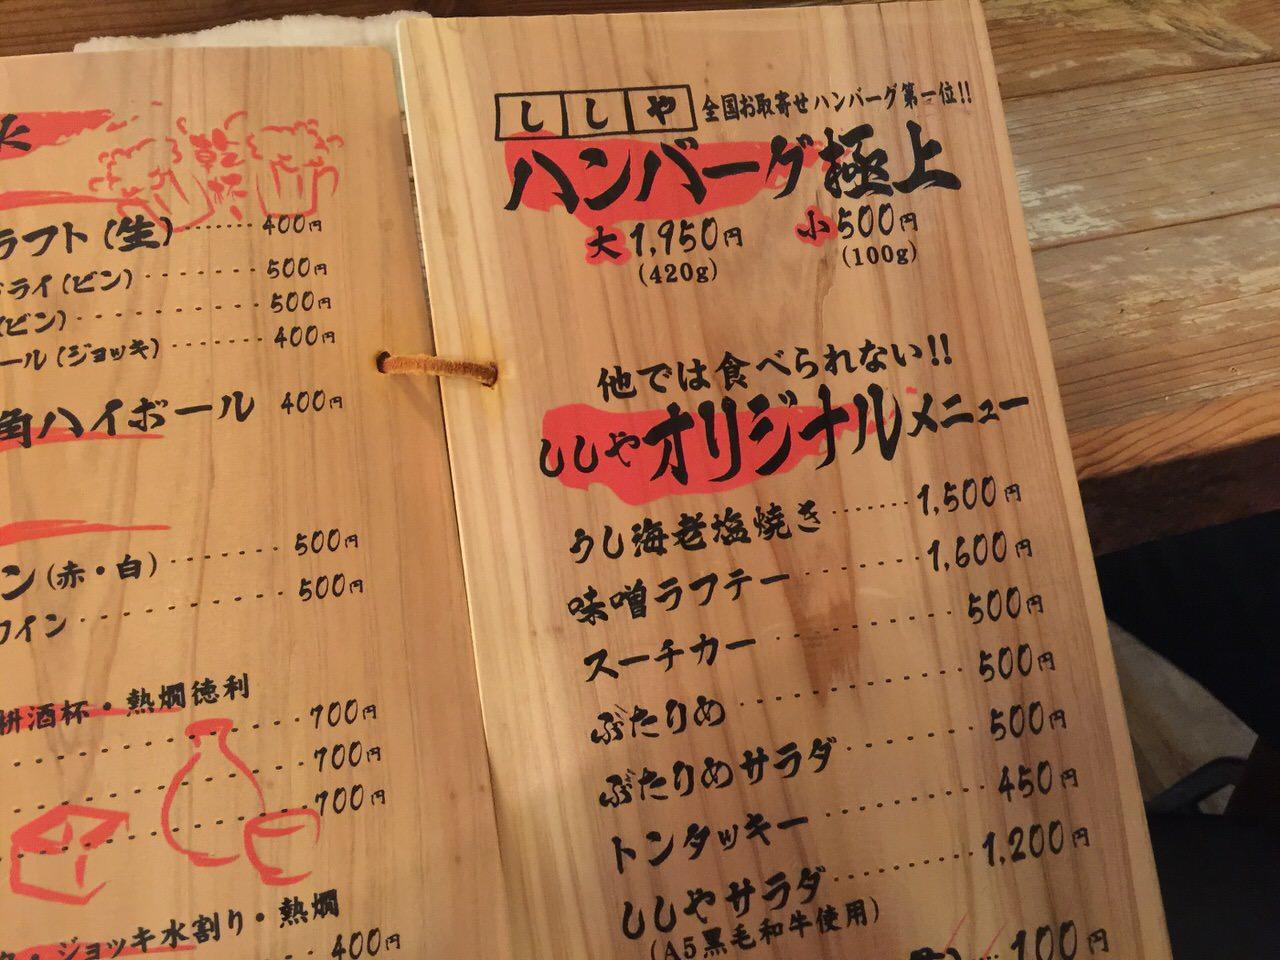 Shishiya naha 7754